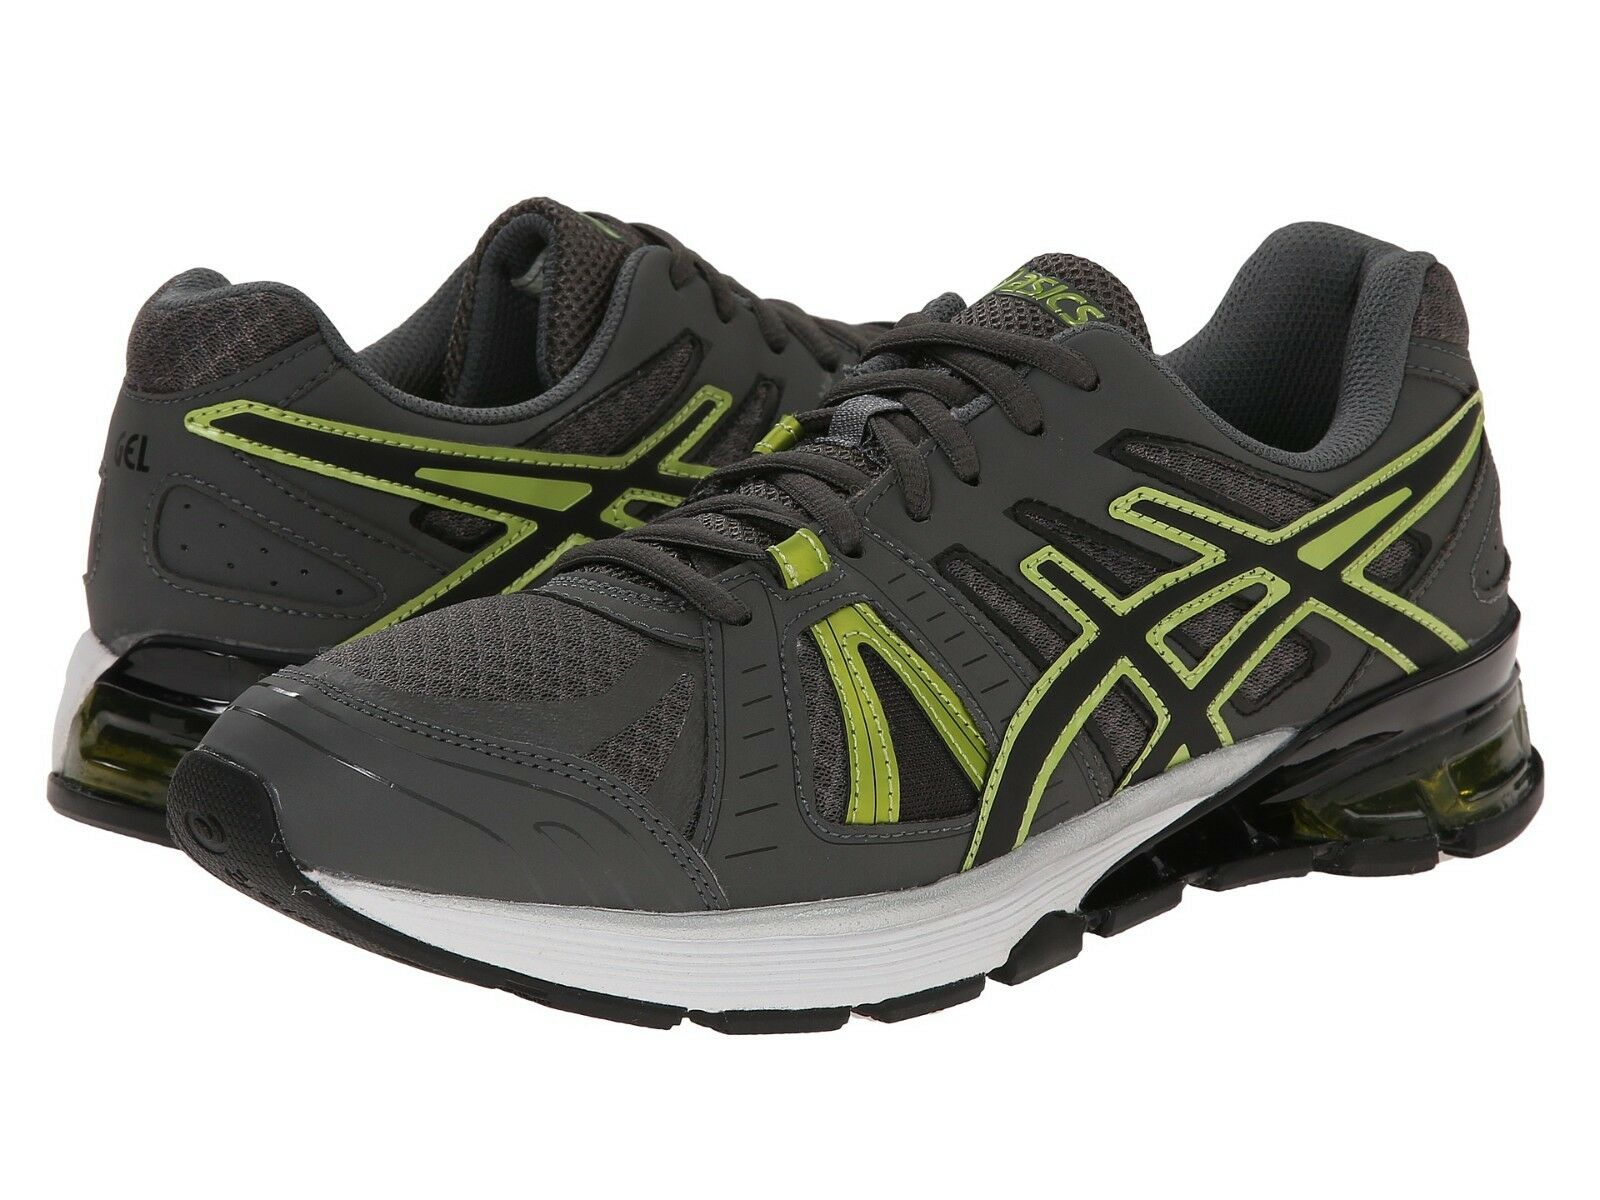 hombres ASICS GEL-Defiant 2 Running zapatos, S527N 9790 Tamaños 8-9 Carbón Negro Lim